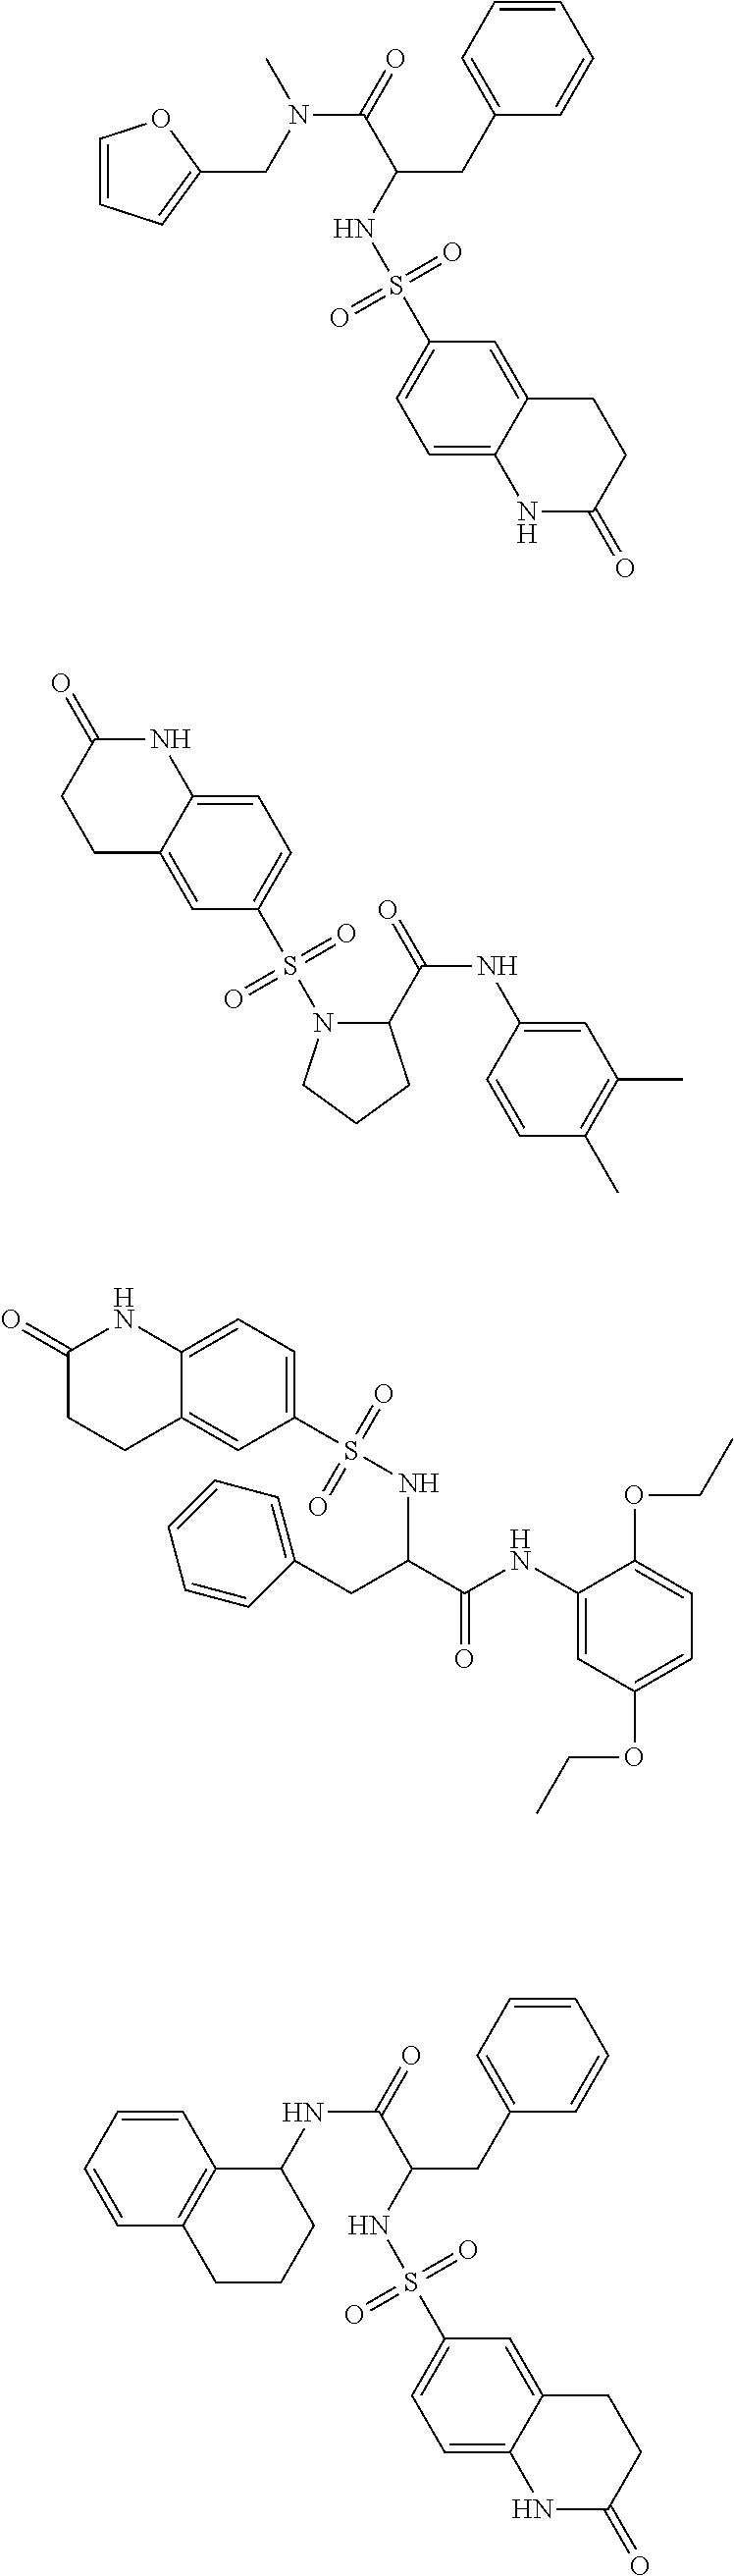 Figure US08957075-20150217-C00038